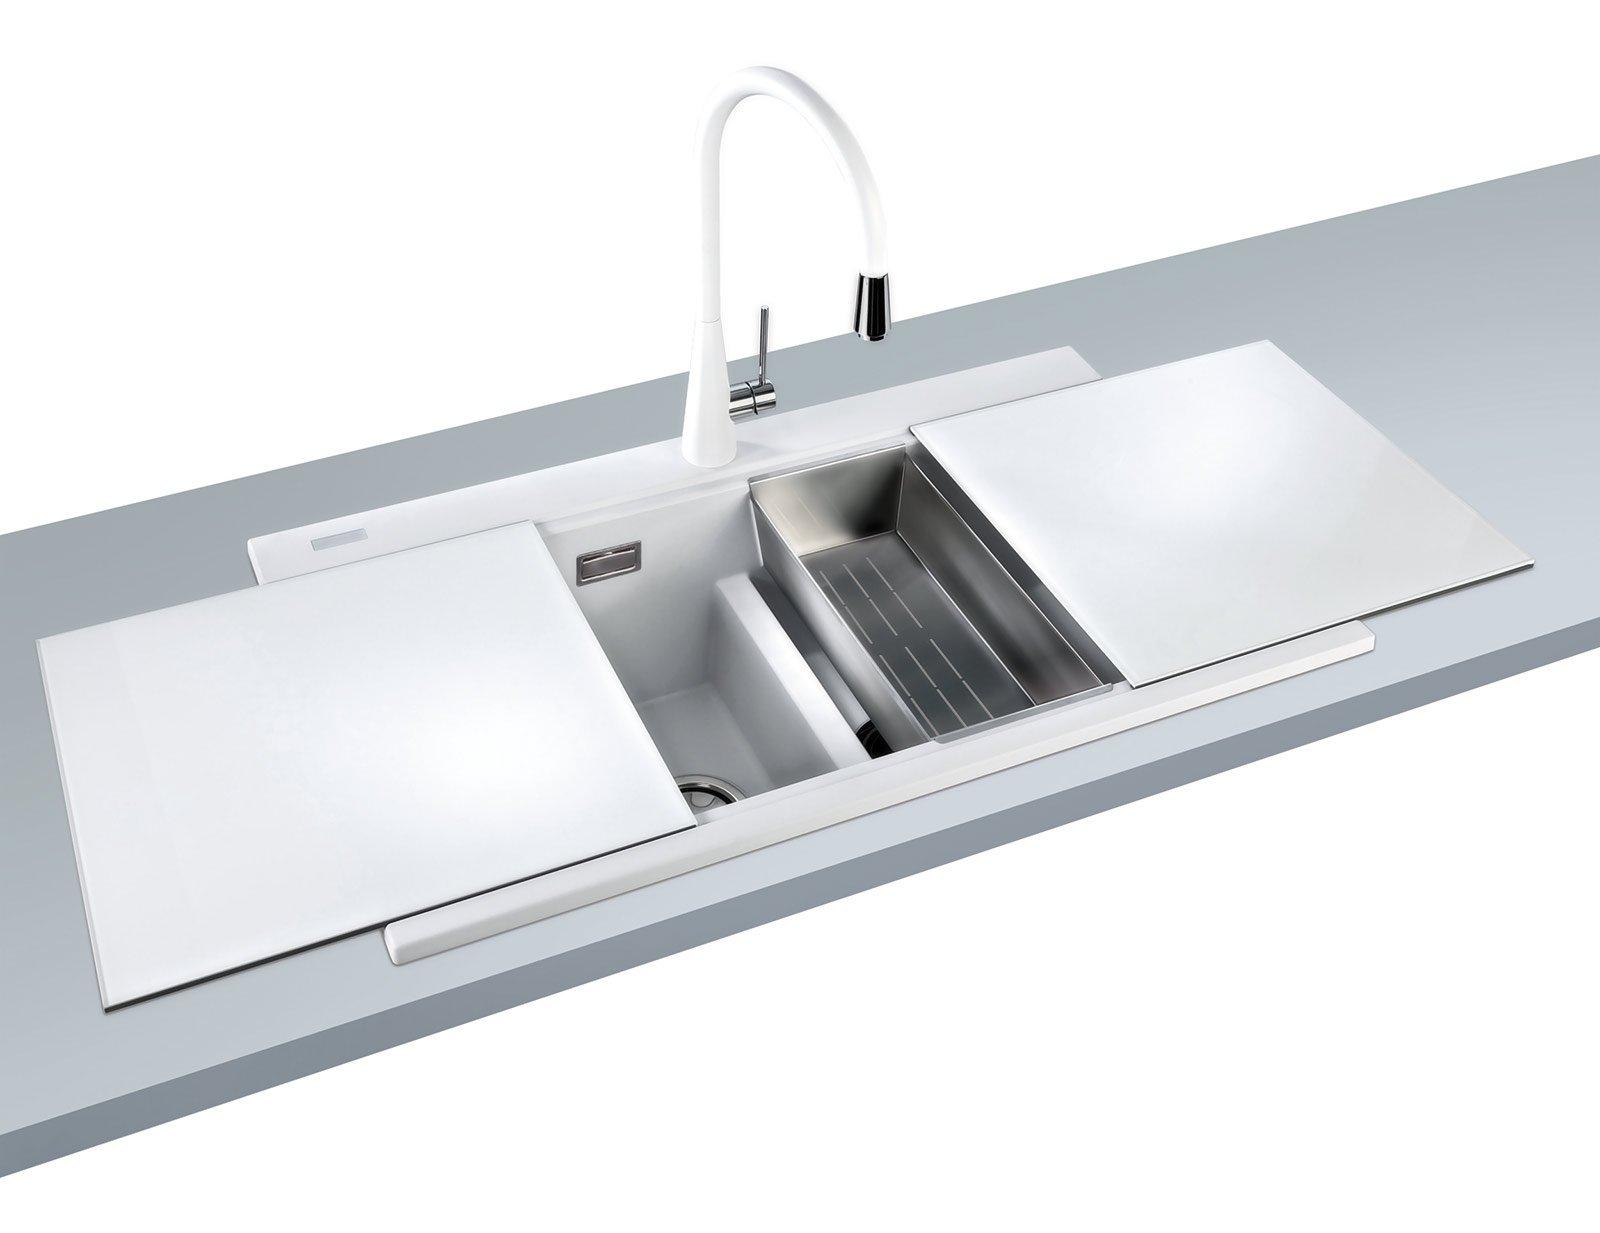 Lavelli come sceglierli cose di casa - Lavello cucina dimensioni ...